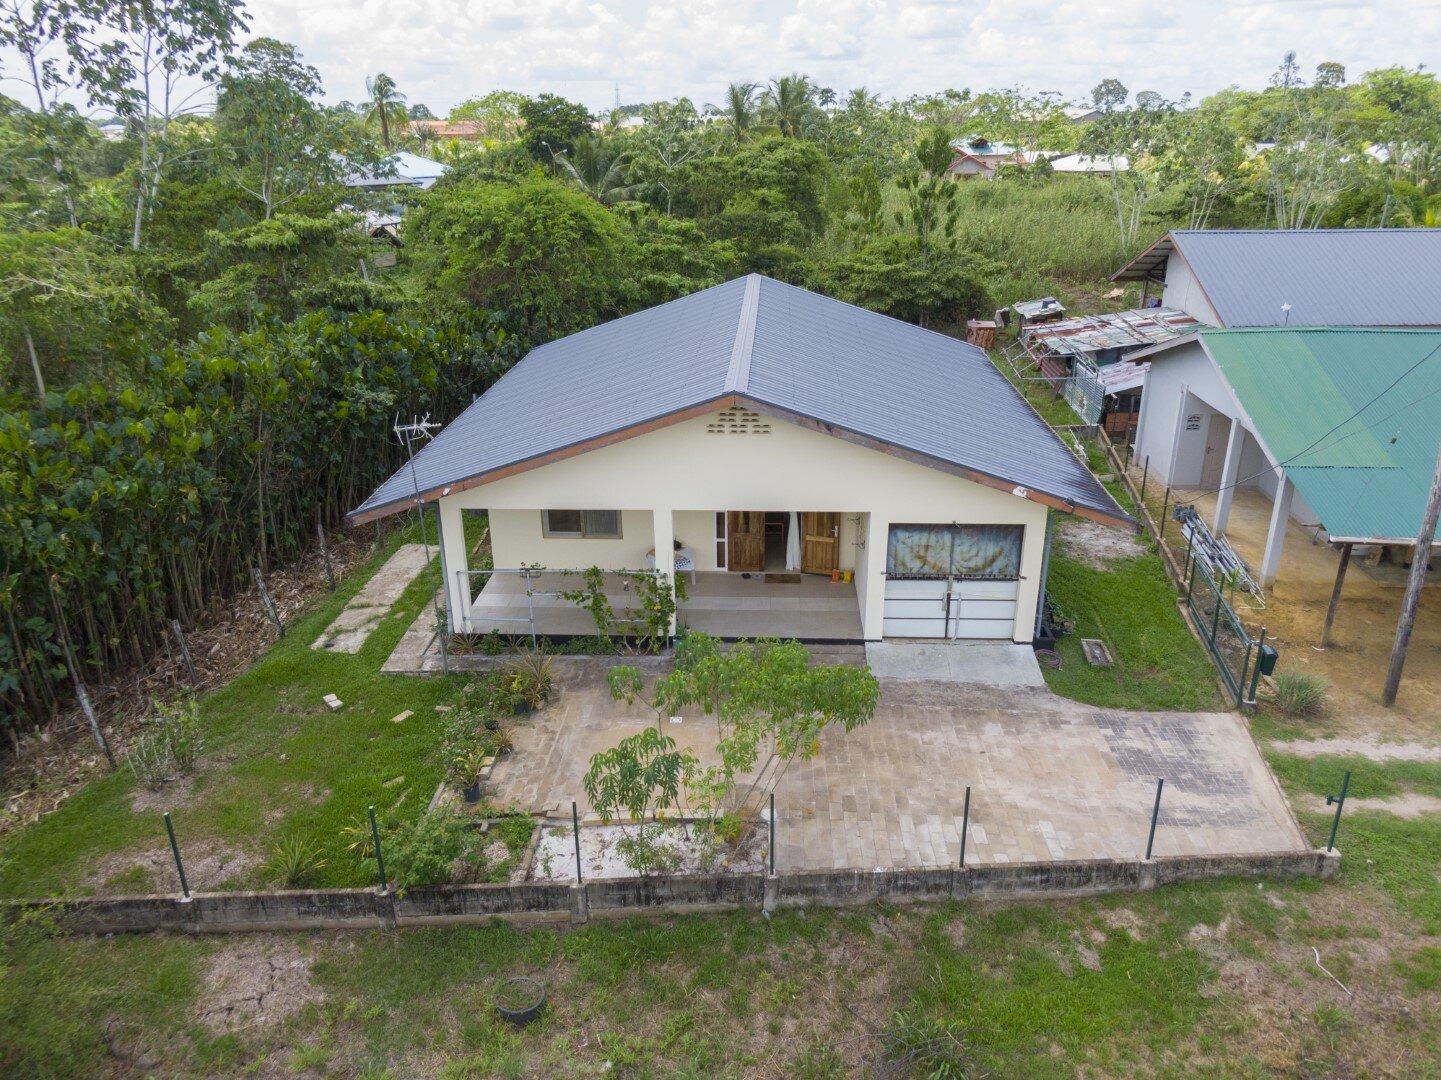 Agstantilaan 24b - Houttuin - Suriname - Surgoed Makelaardij NV